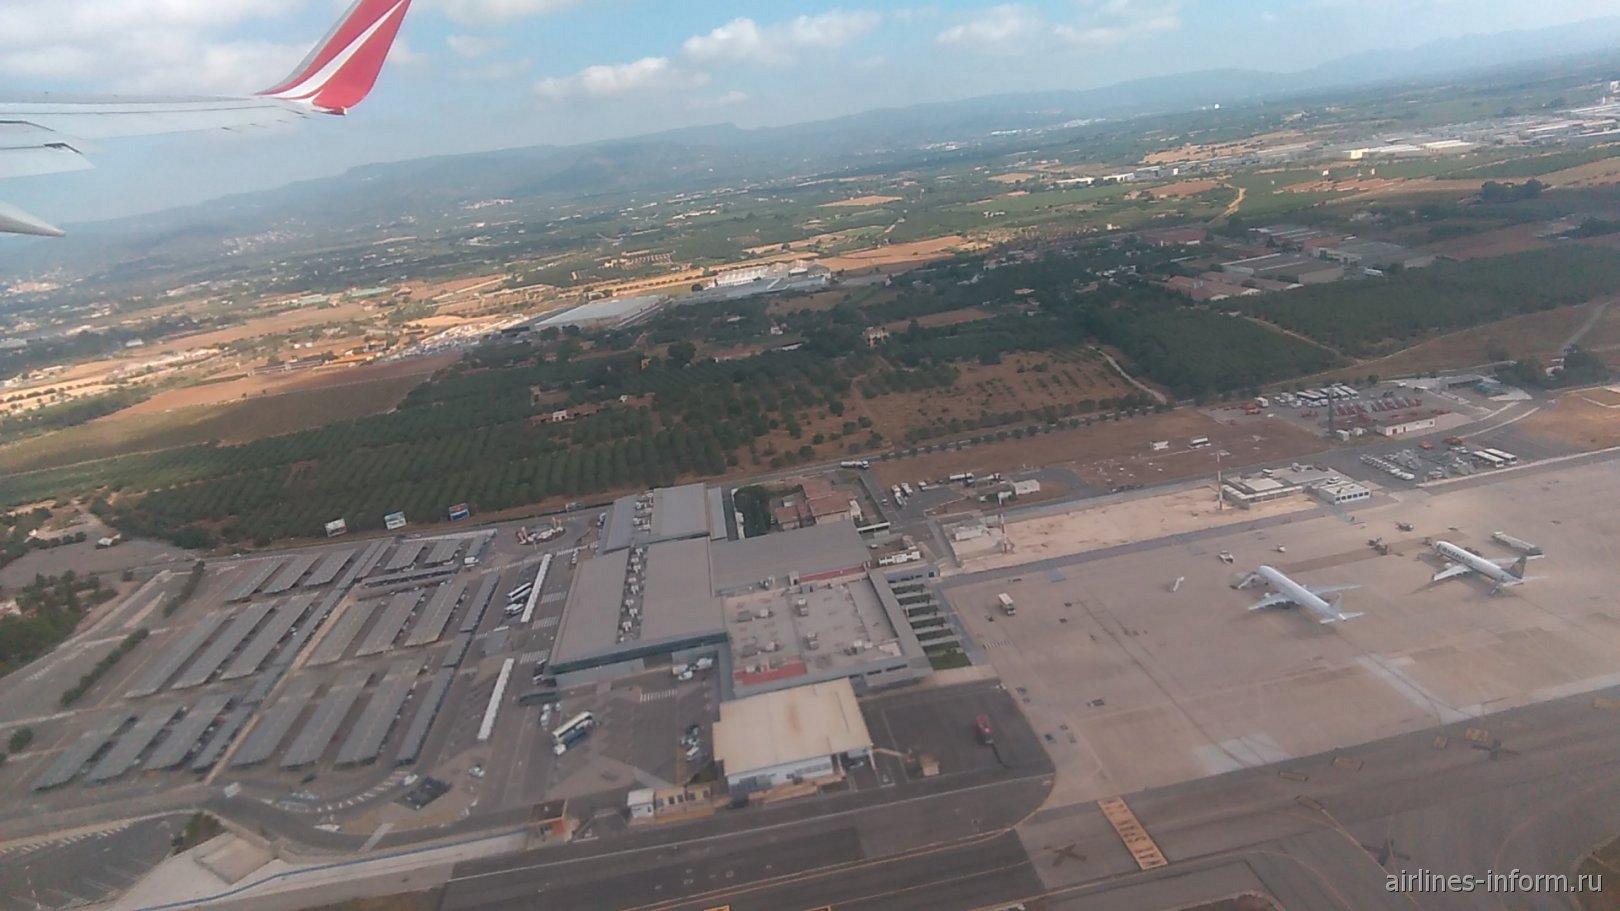 Пассажирский терминал, привокзальная площадь и перрон аэропорта Реус